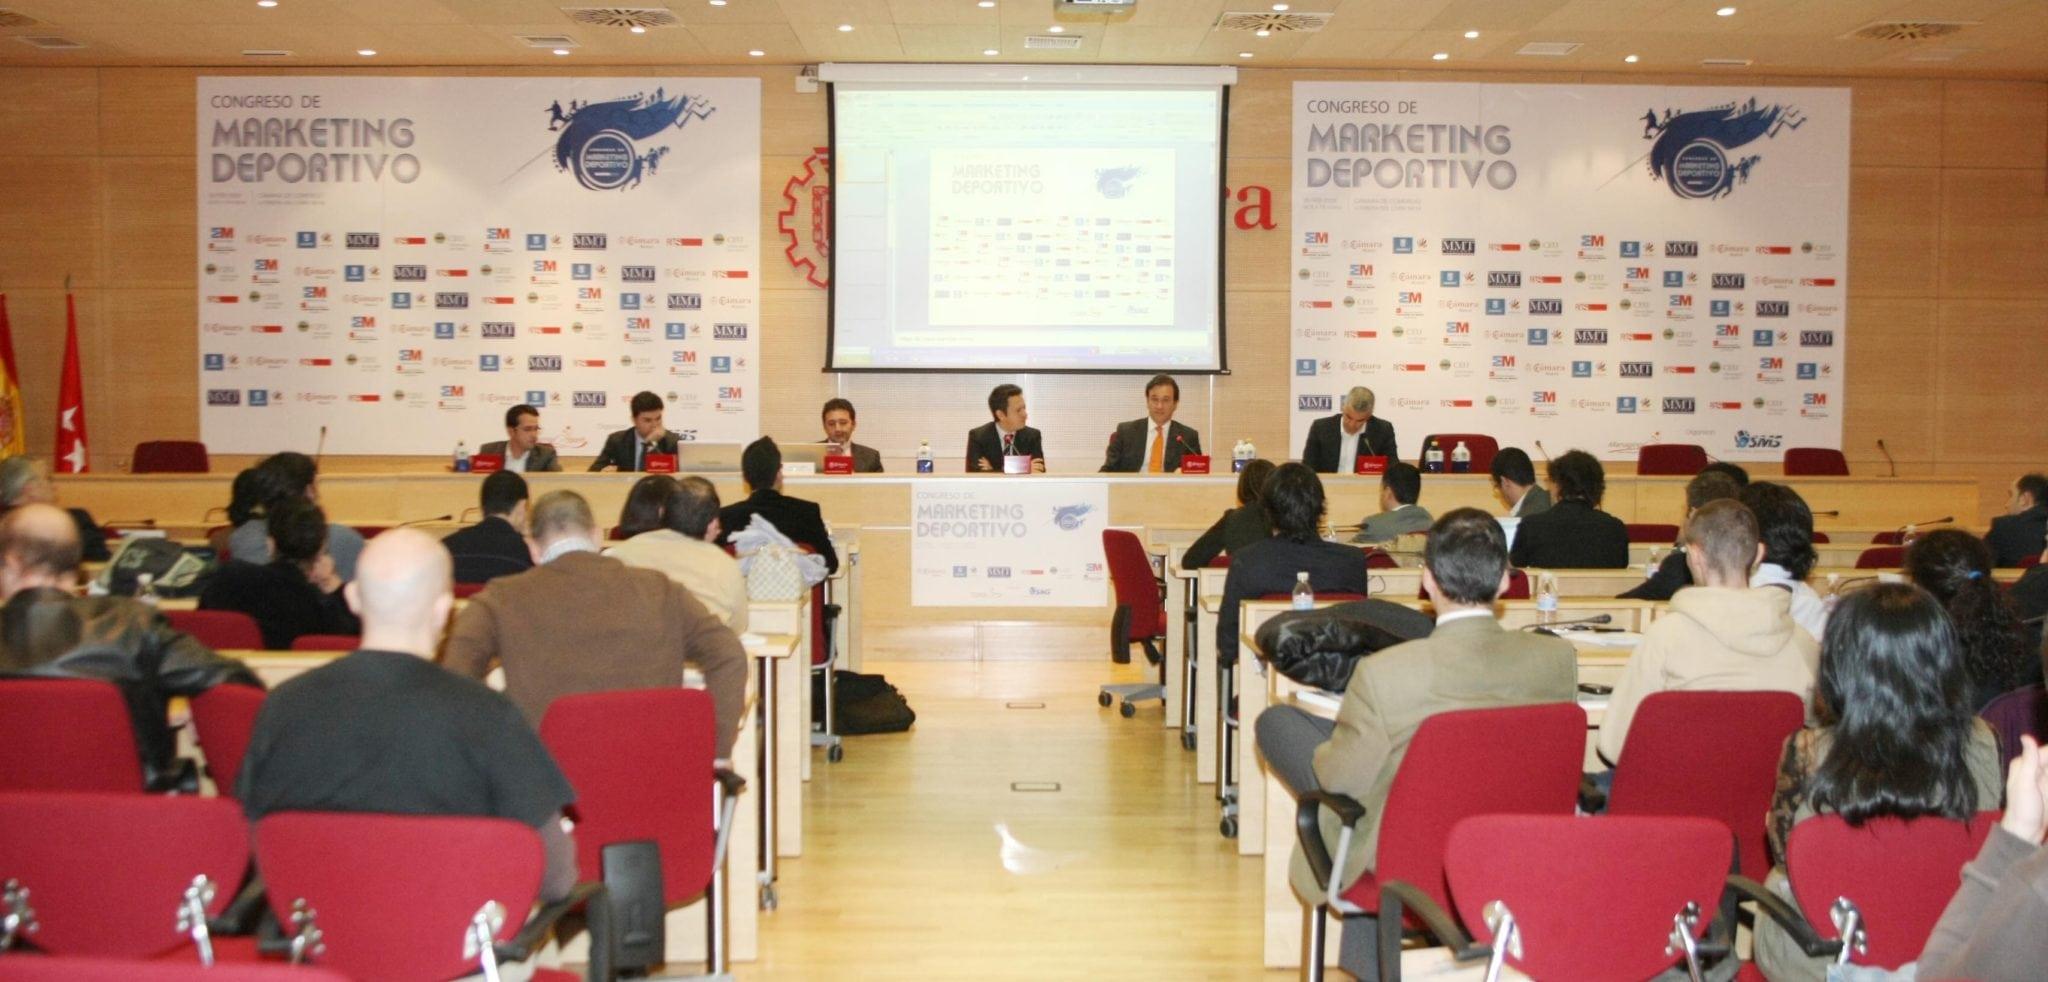 II Congreso de Marketing Deportivo. Las Redes Sociales y los aficionados en el Deporte.